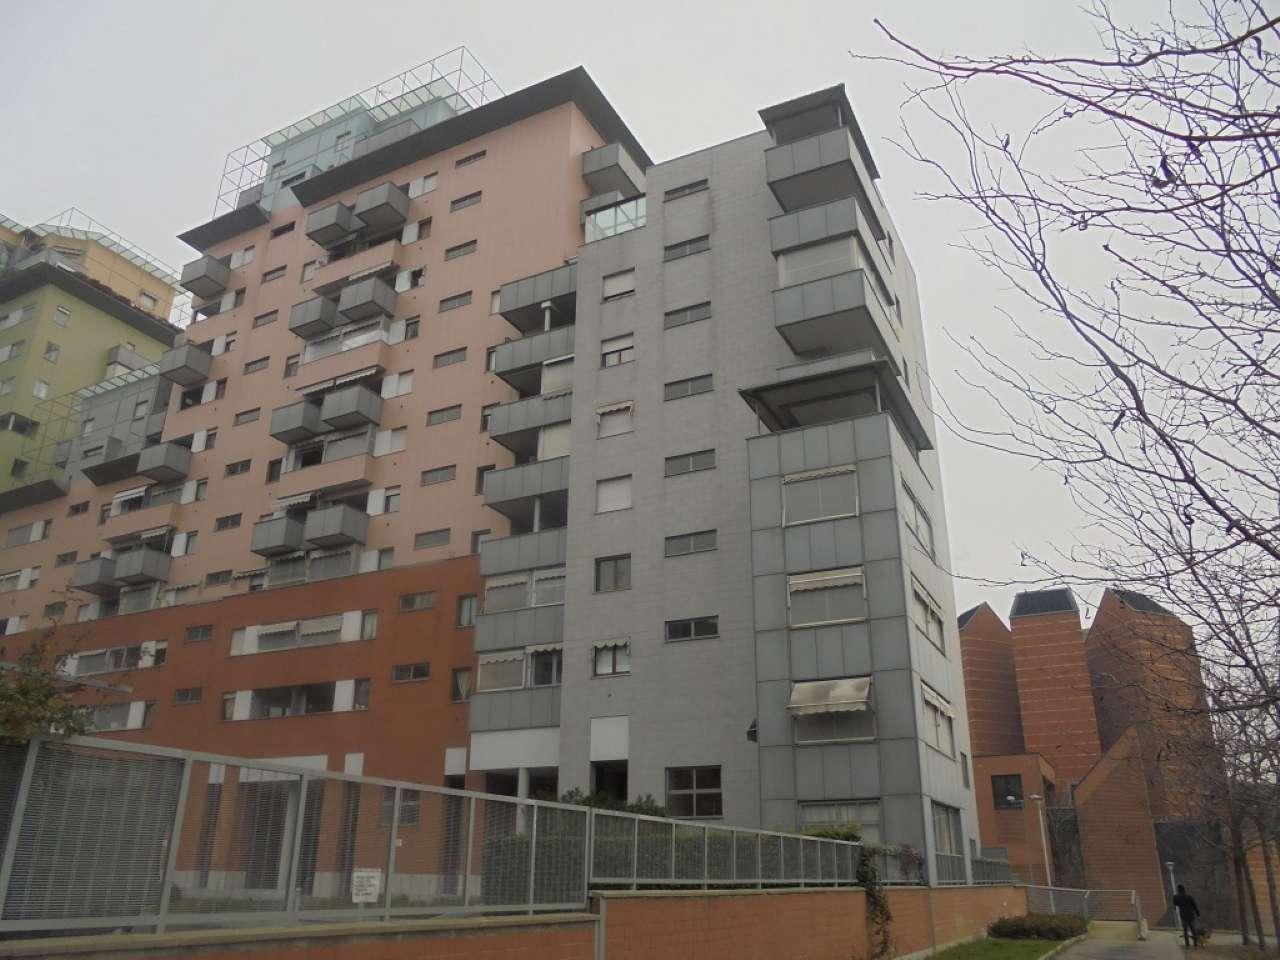 Appartamento in vendita Zona Madonna di Campagna, Borgo Vittoria... - via Valdellatorre Torino